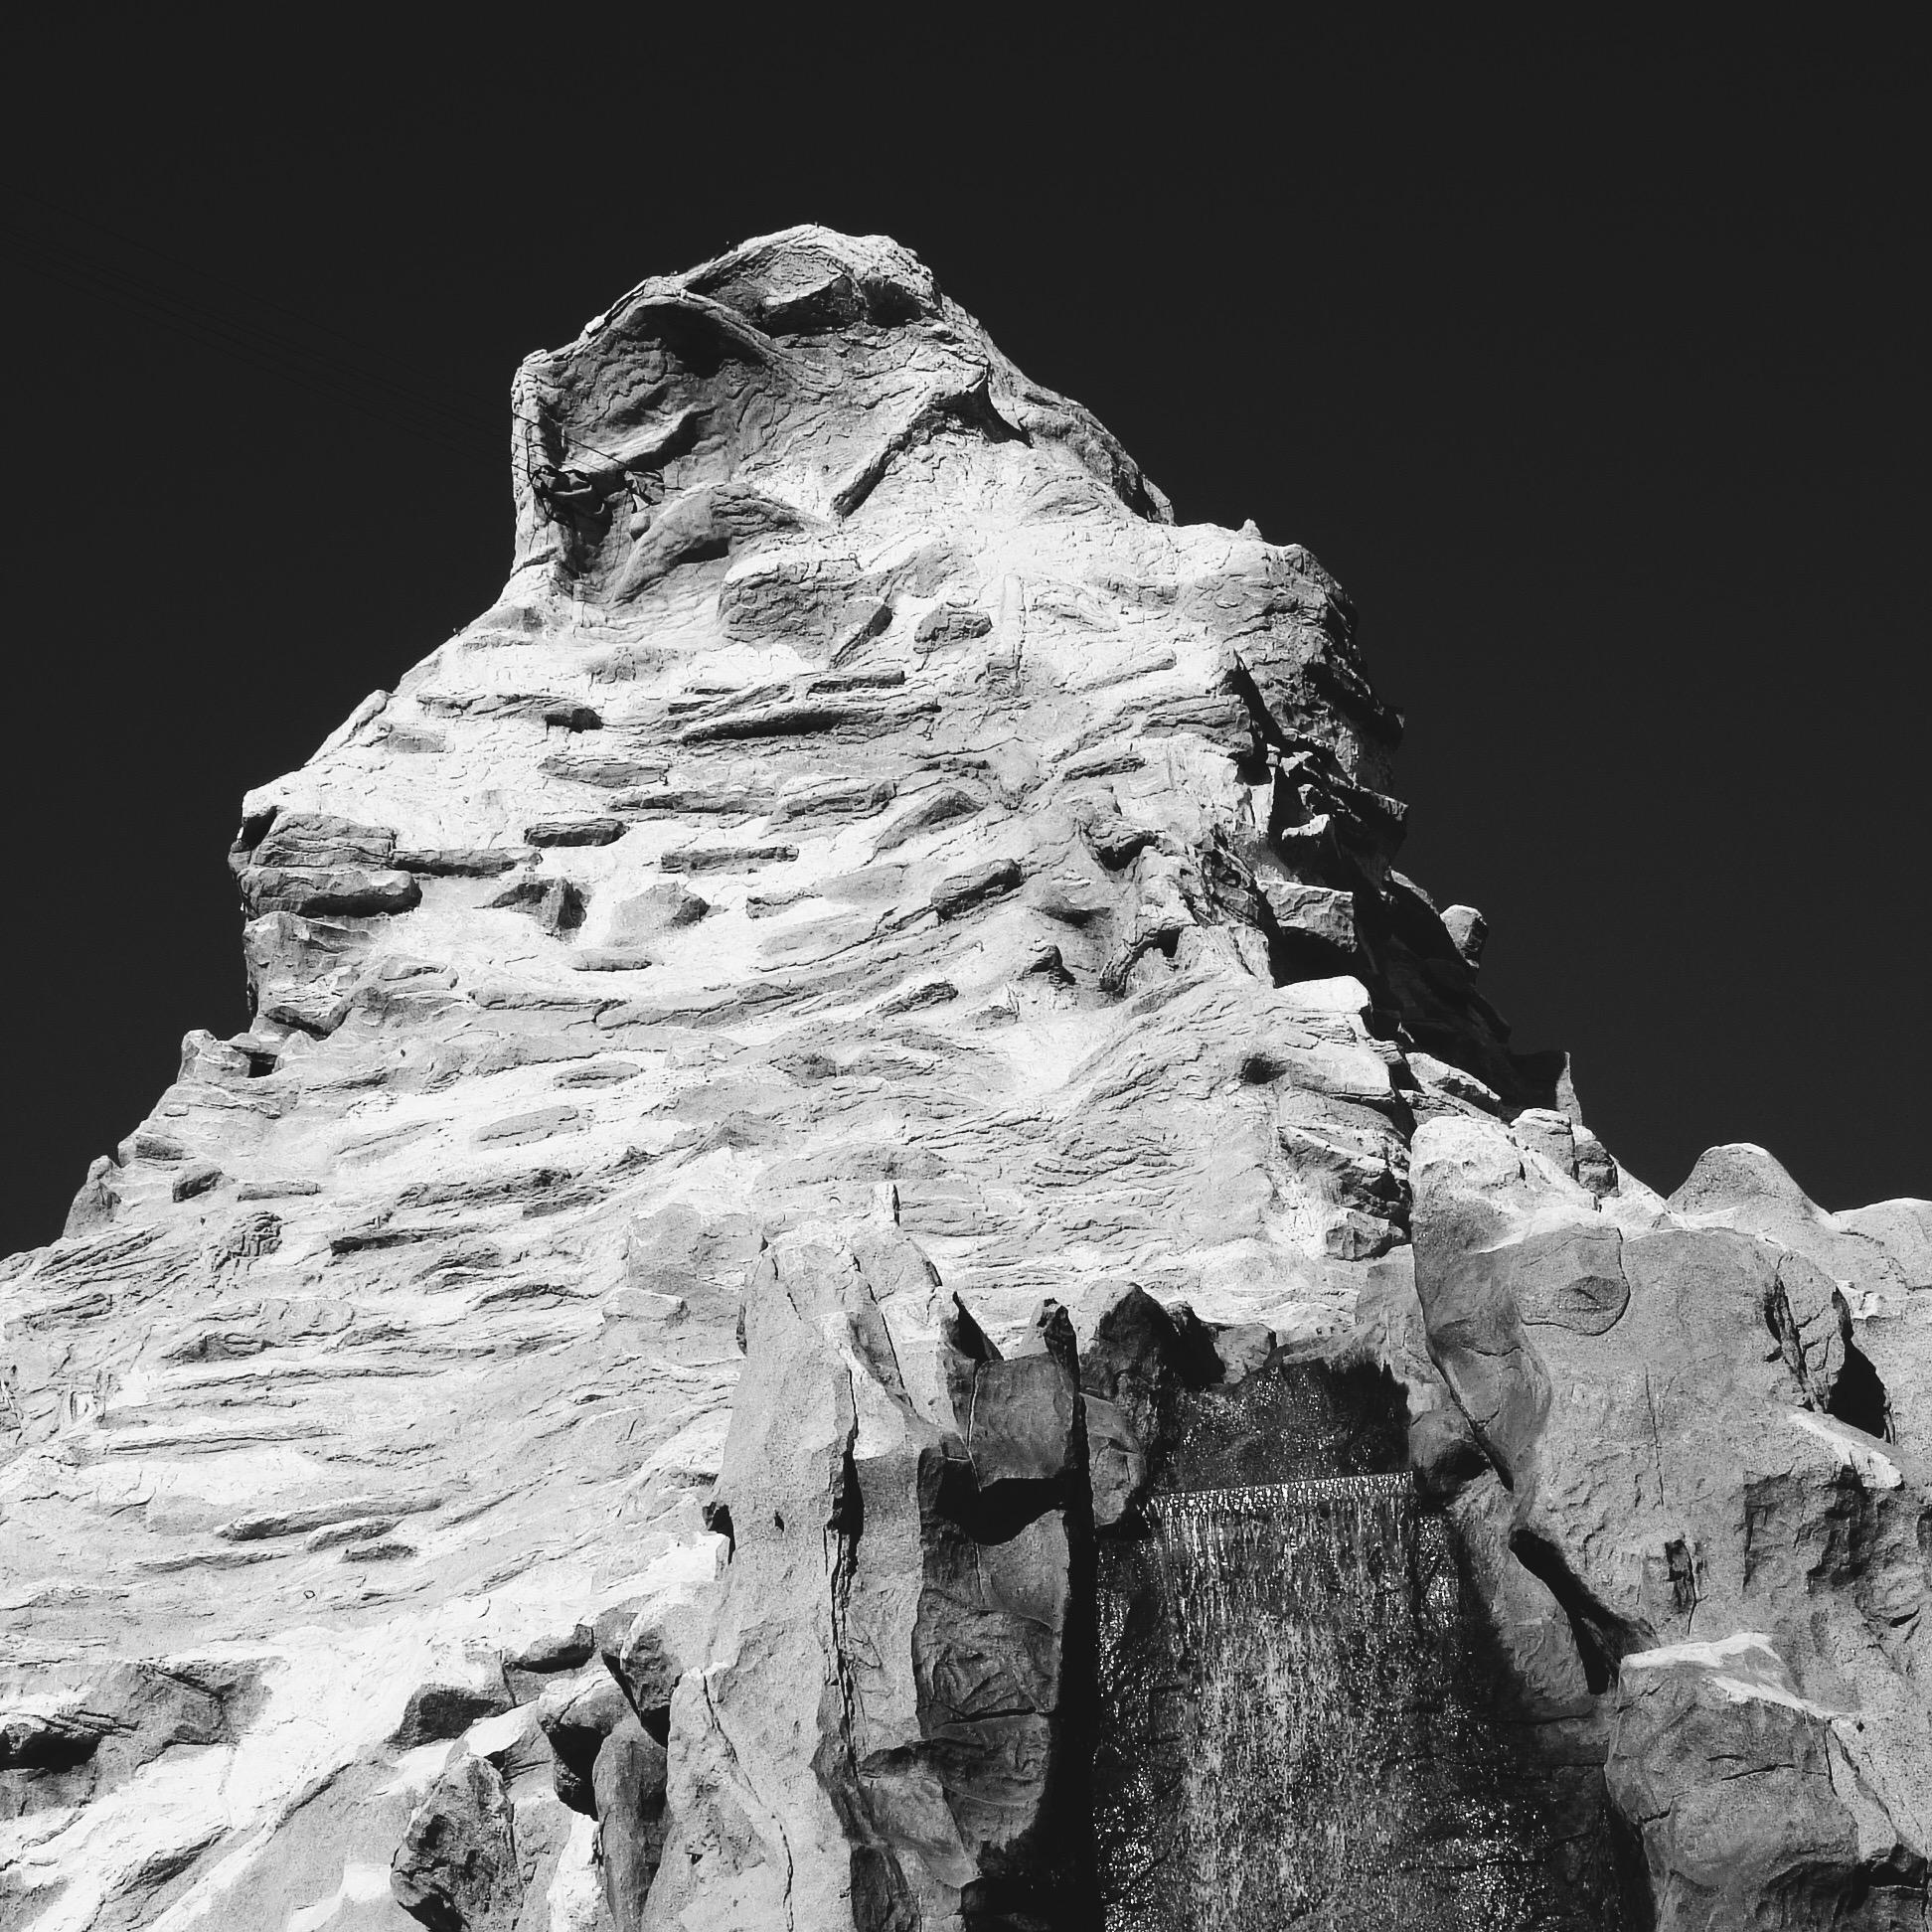 55_Matterhorn.jpg